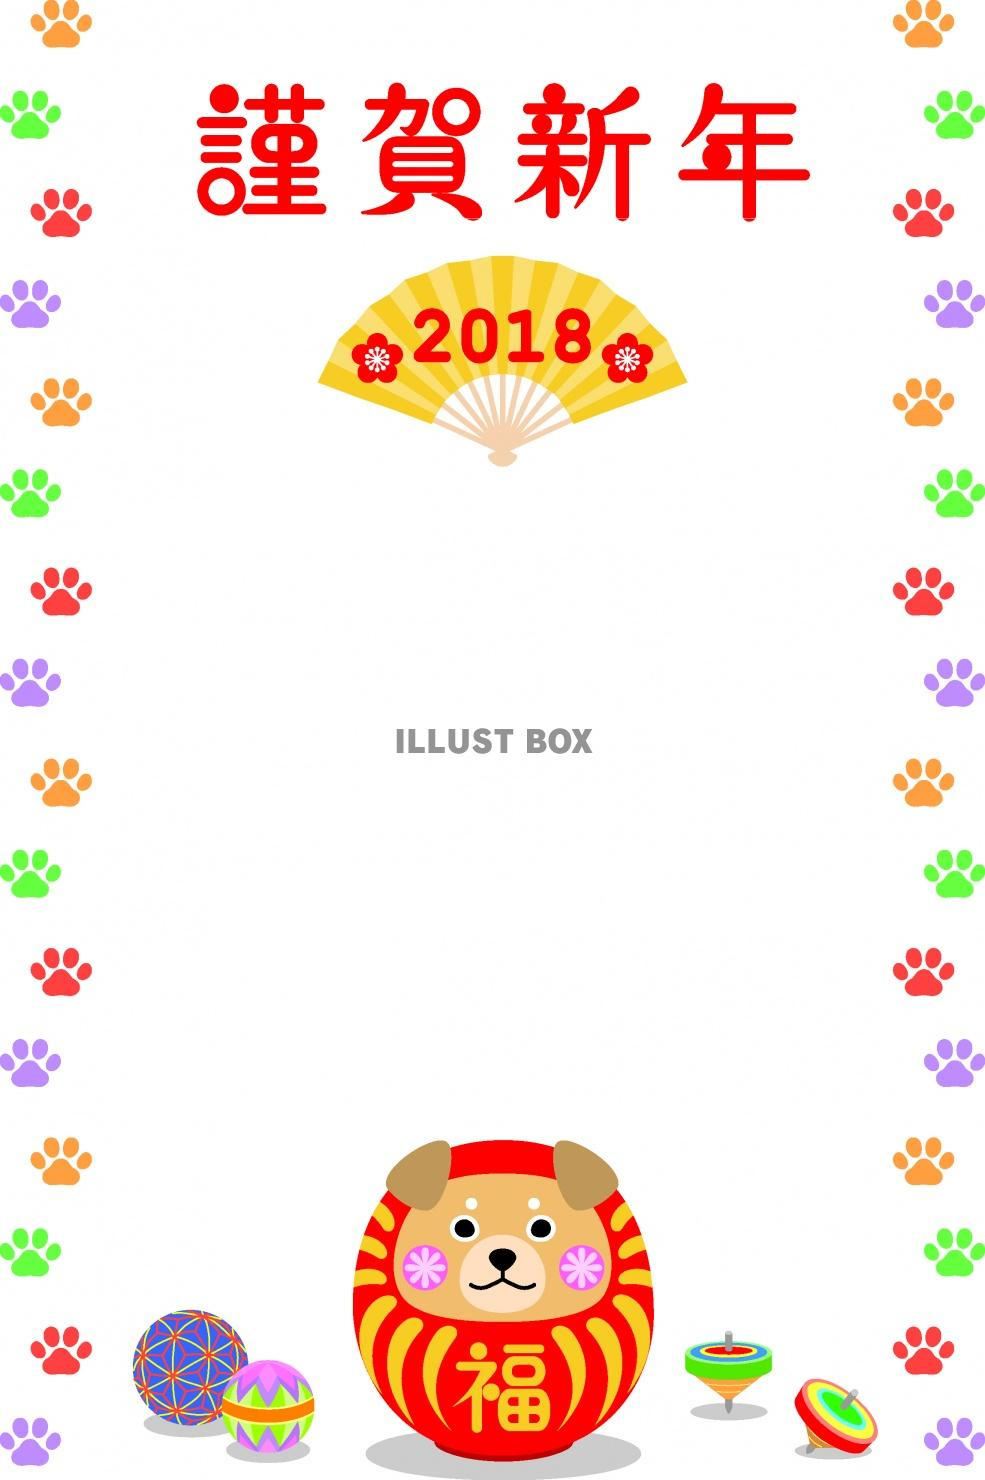 無料イラスト 2018年年賀状素材ー戌だるまの和風フレーム